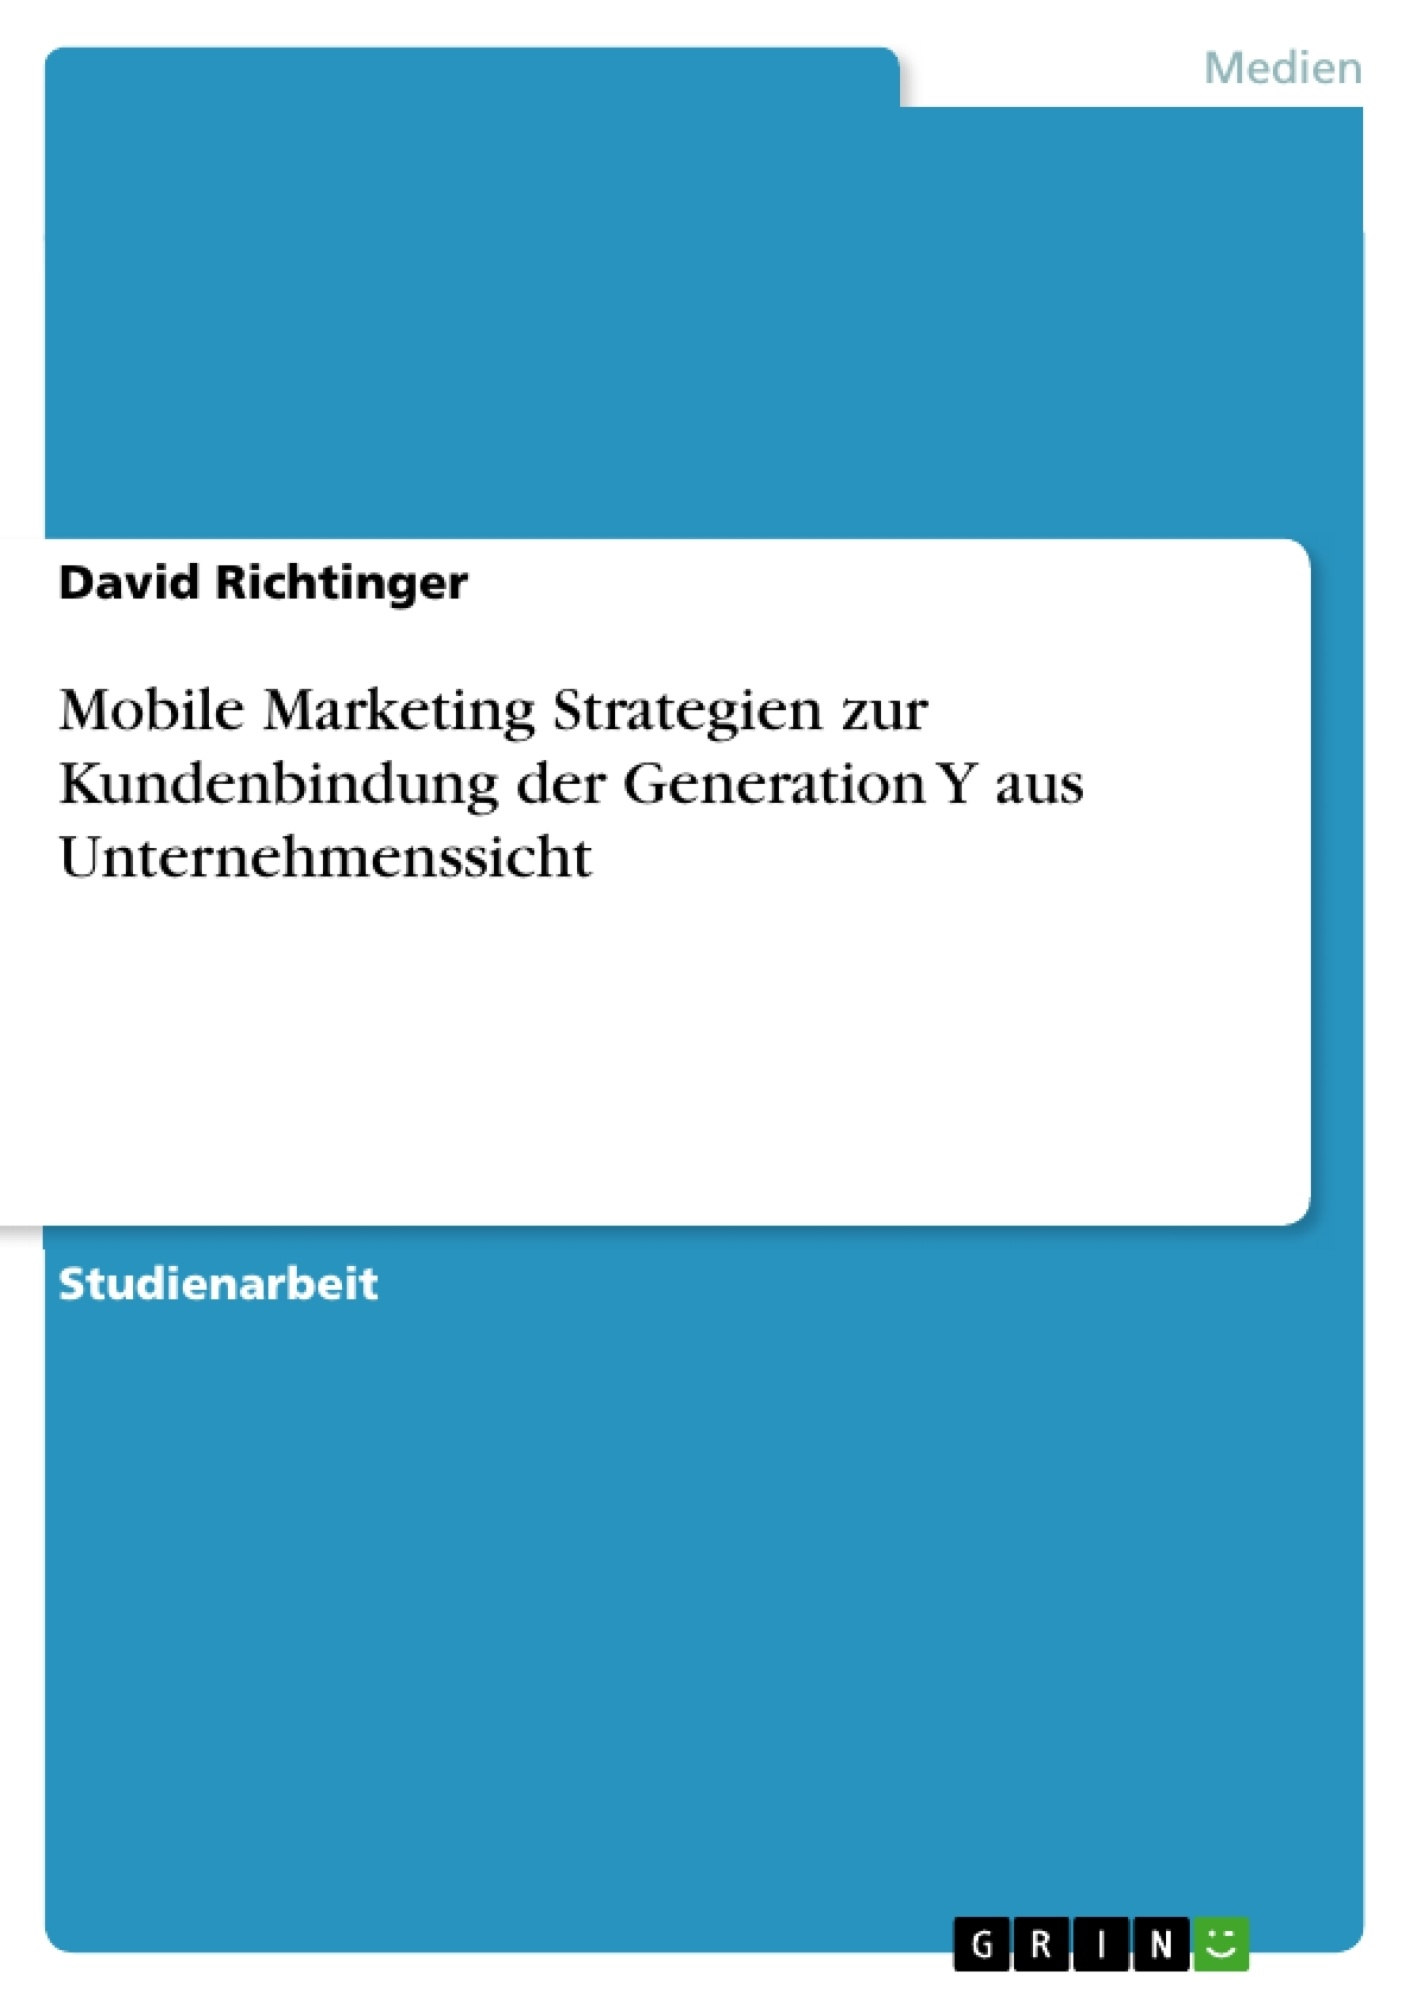 Titel: Mobile Marketing Strategien zur Kundenbindung der Generation Y aus Unternehmenssicht